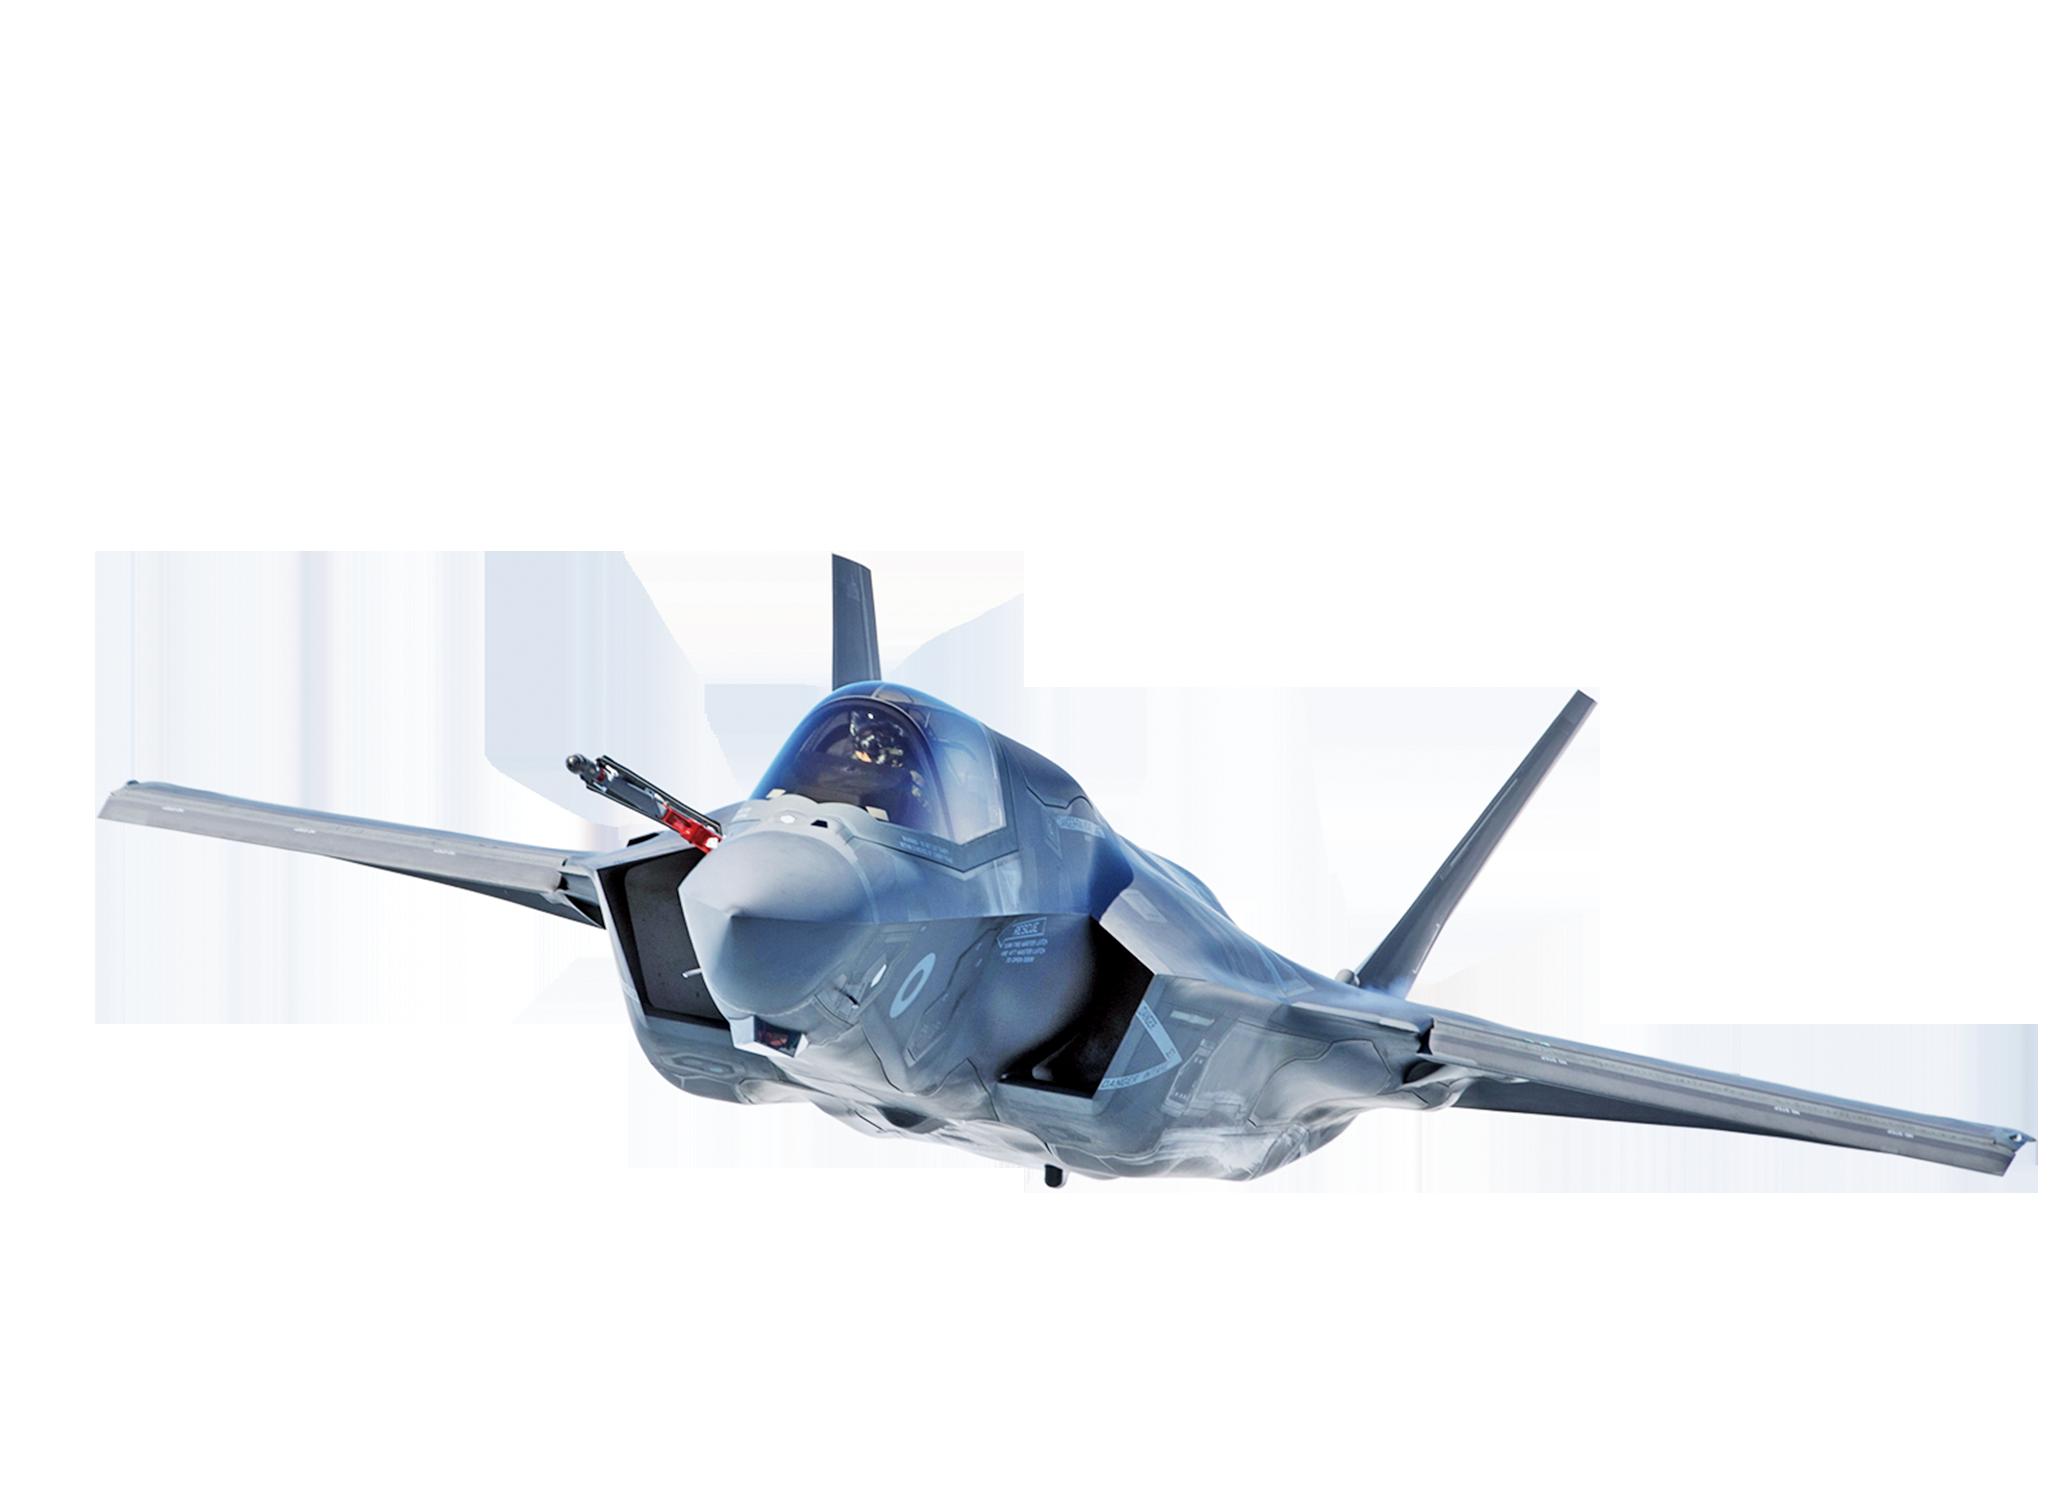 【空軍計劃】F-35將成終極核轟炸機